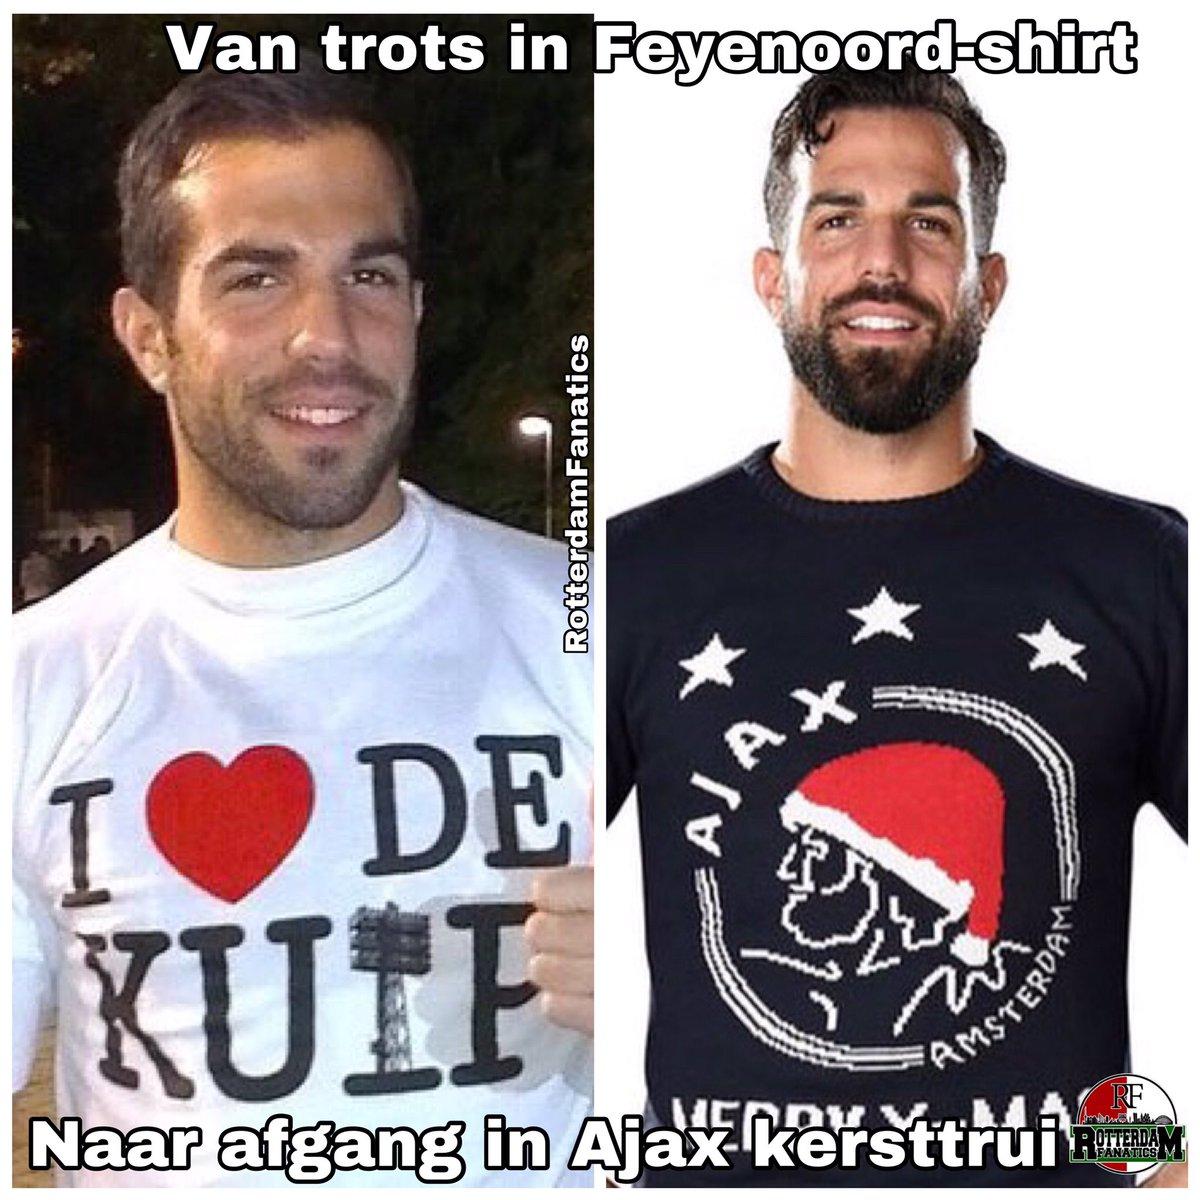 Kersttrui Feyenoord.Patrick On Twitter Het Kan Verkeren He Koslamprou Feyenoord